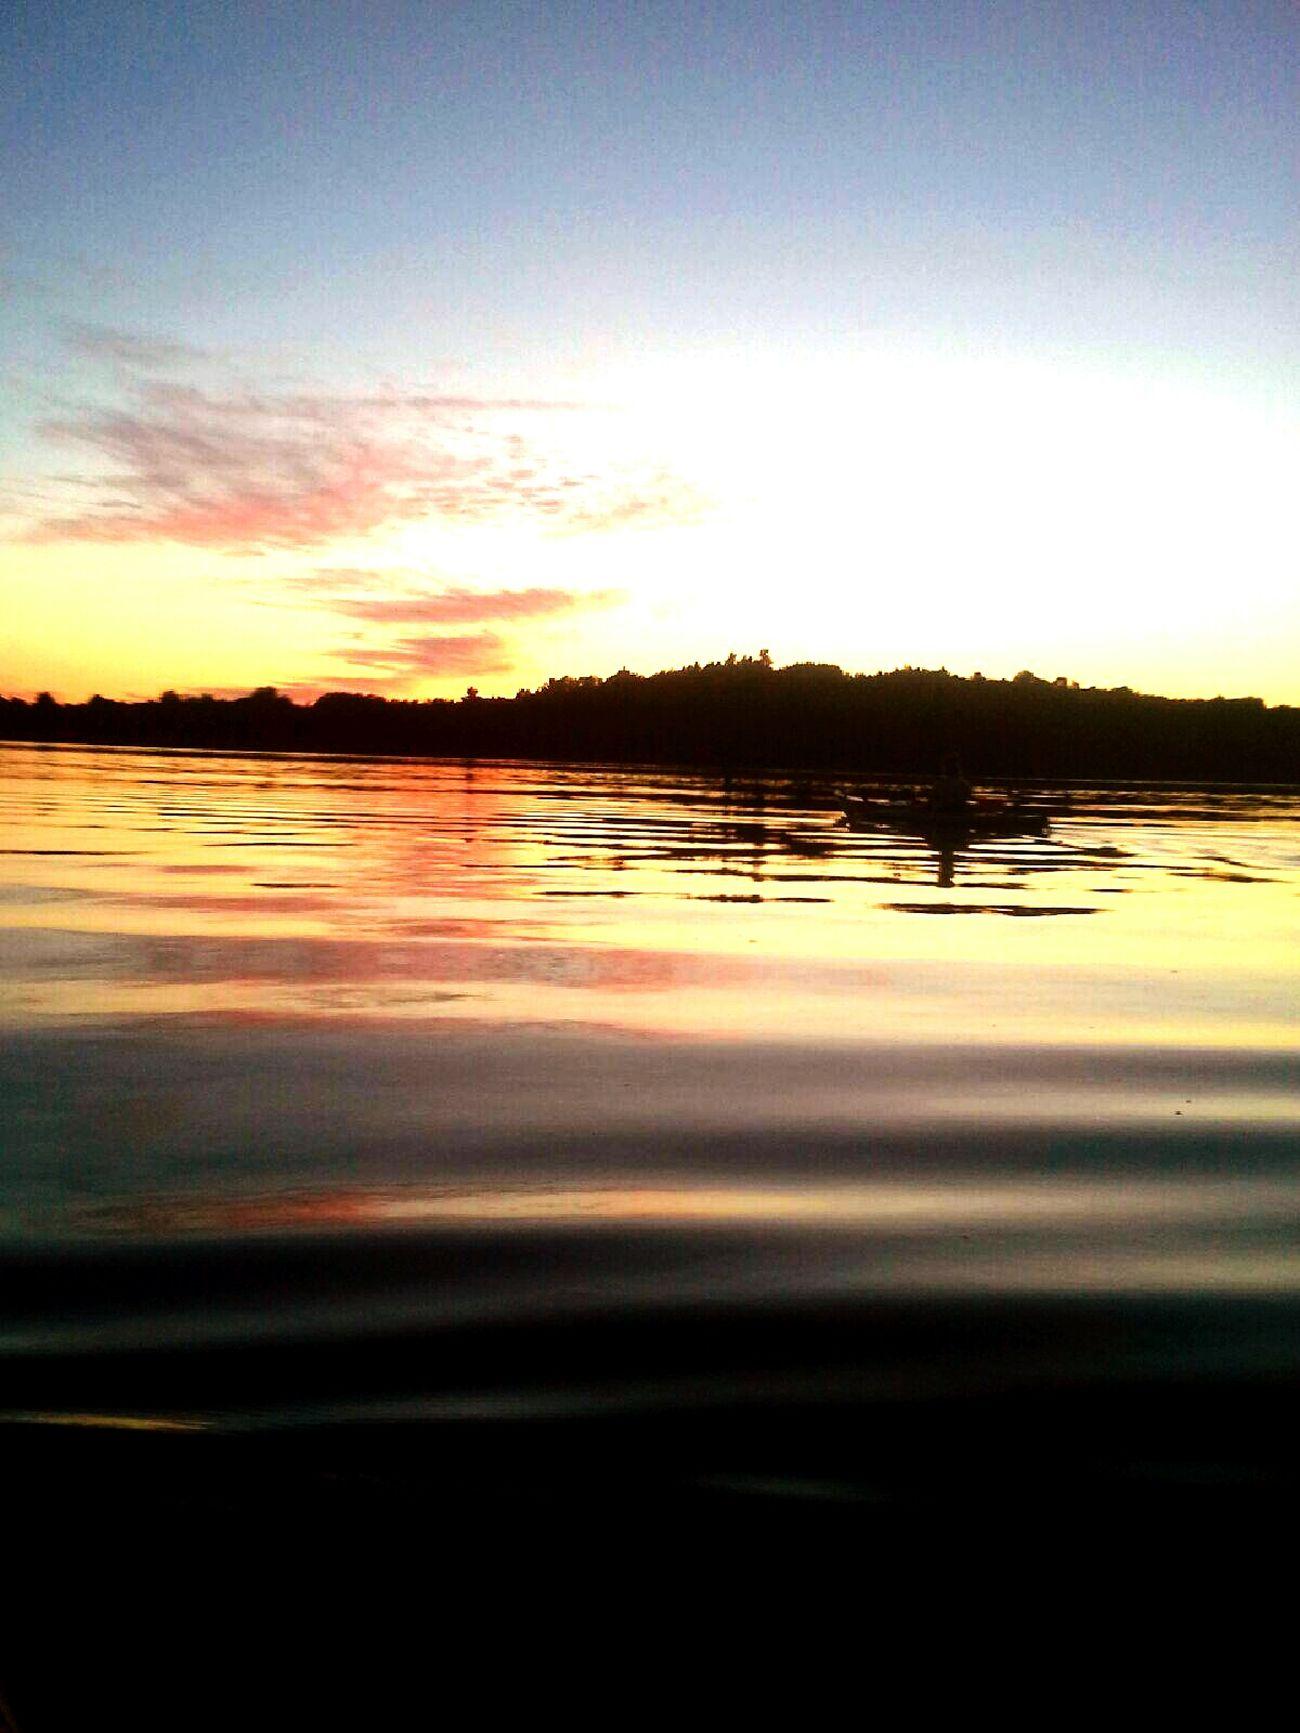 Sunset Kayaking Kayaking Vermontbyvermonters Hello World Sunset Shelburnepond Water